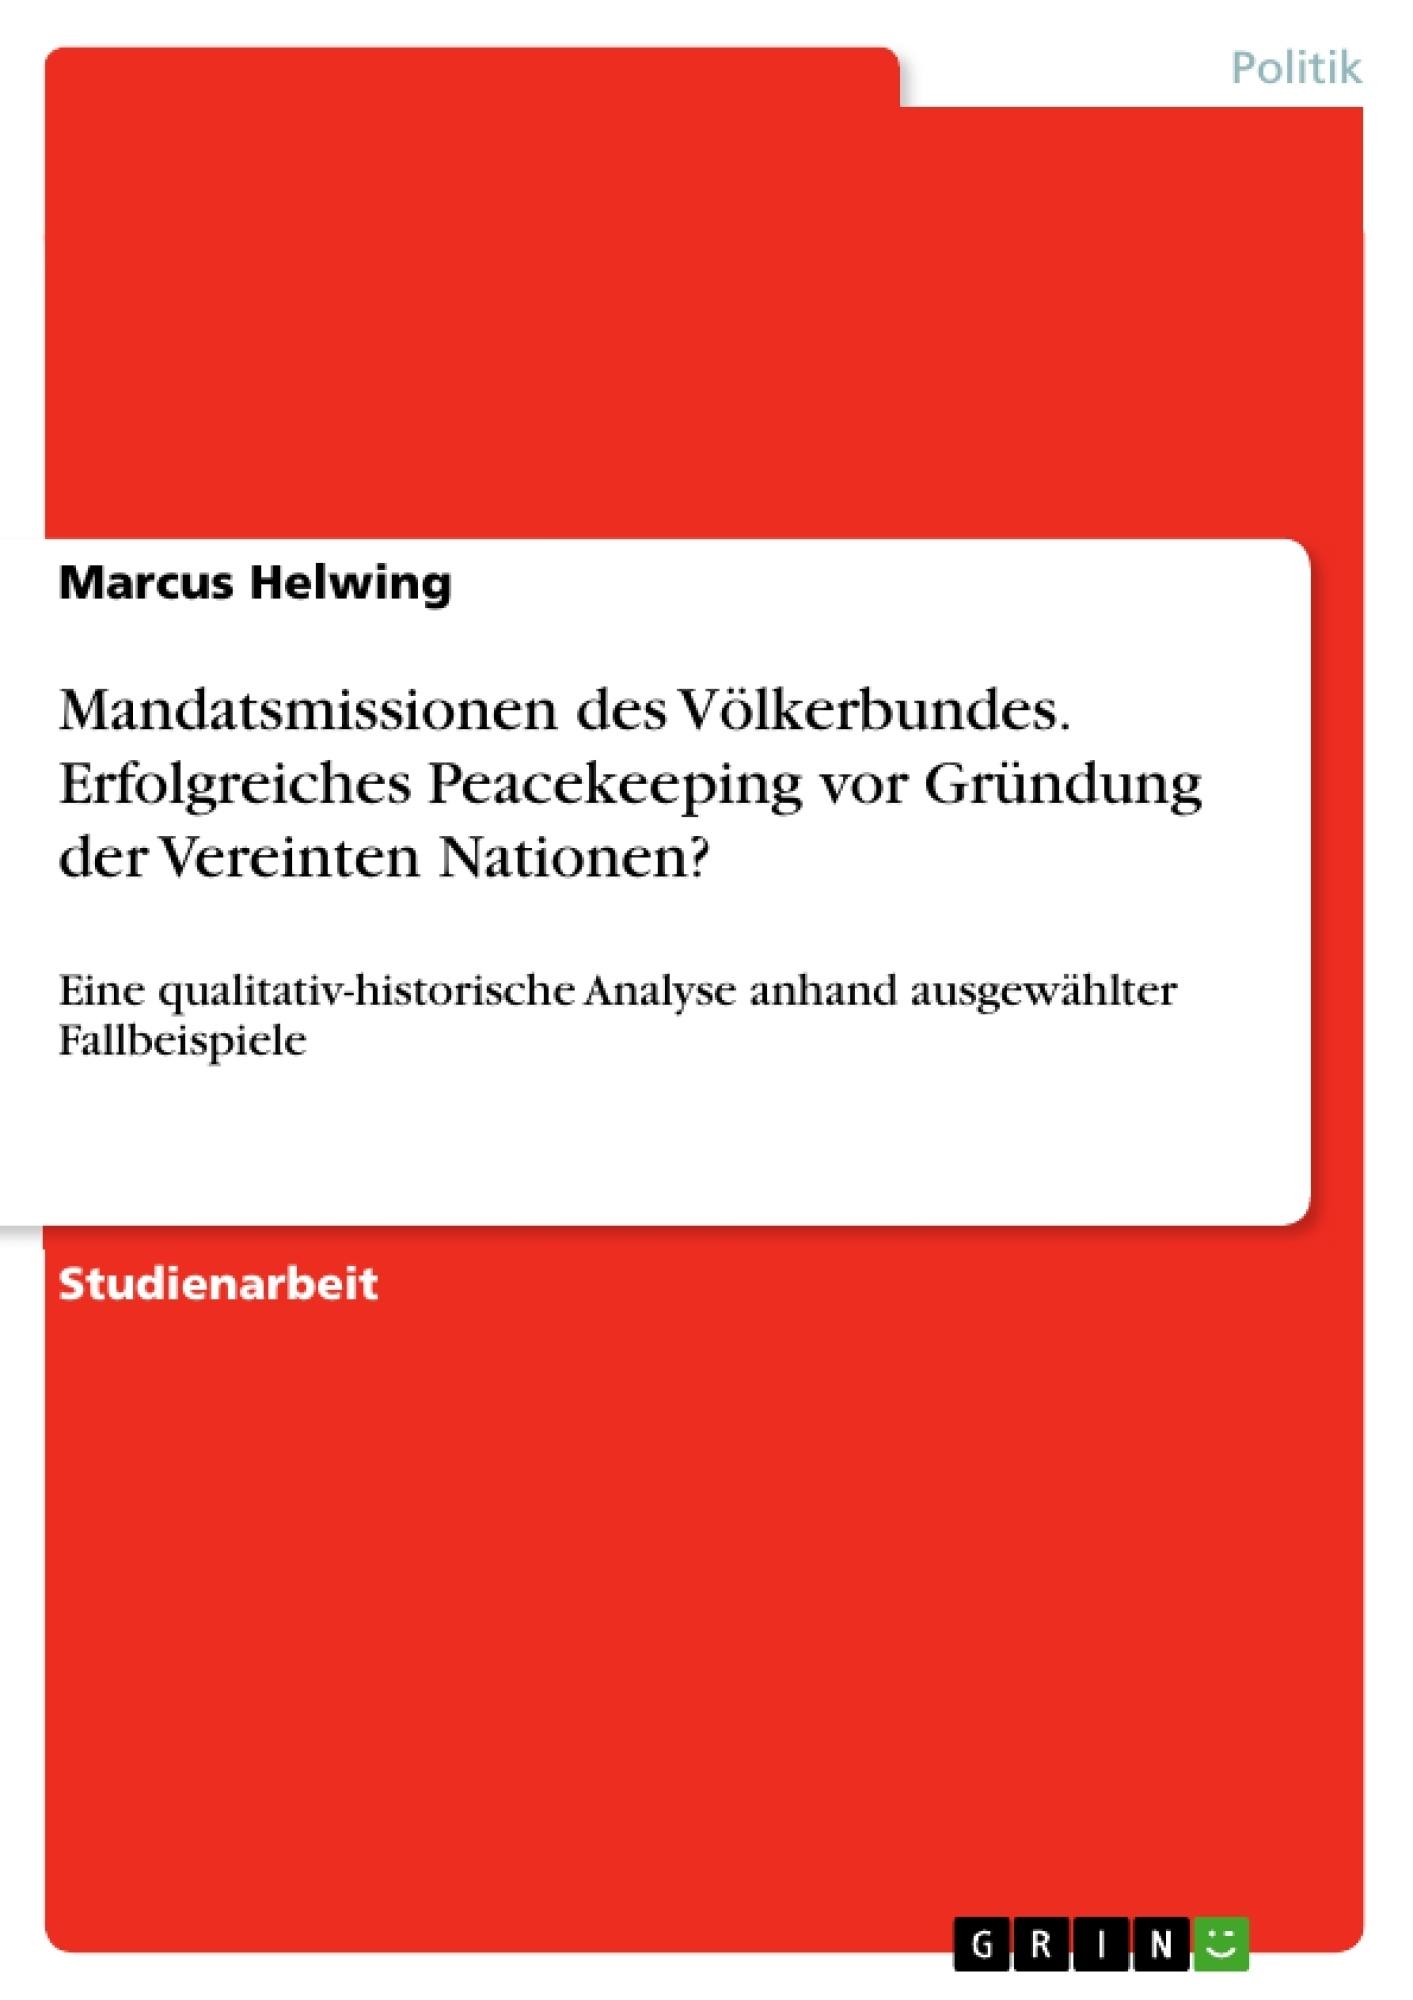 Titel: Mandatsmissionen des Völkerbundes. Erfolgreiches Peacekeeping vor Gründung der Vereinten Nationen?